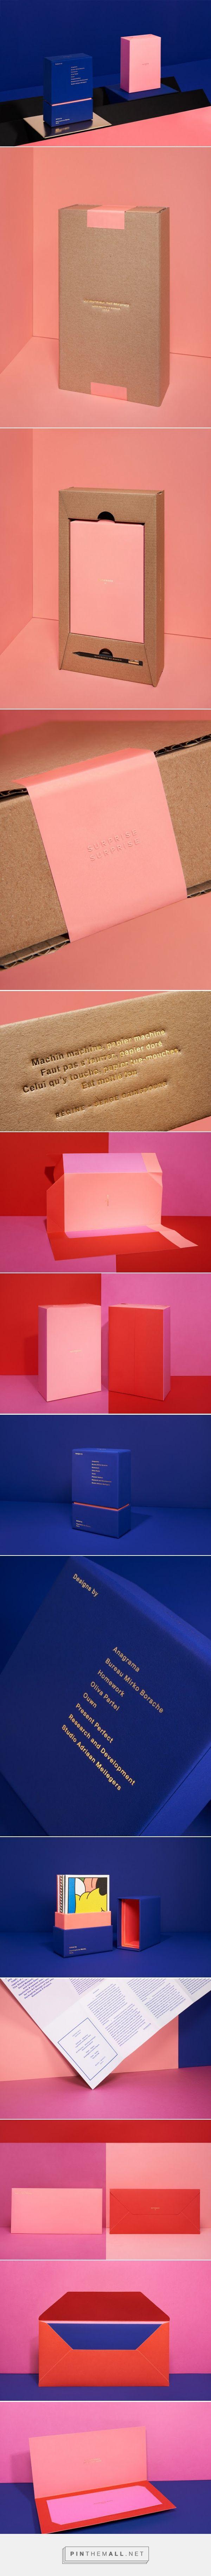 많이 세긴한데~ 핑크 블루 +골드 멋짐..! #adcdesign2015 – NOTEBOOK II by Deutsche & Japaner - http://www.packagingoftheworld.com/2015/01/adcdesign2015-notebook-ii.html